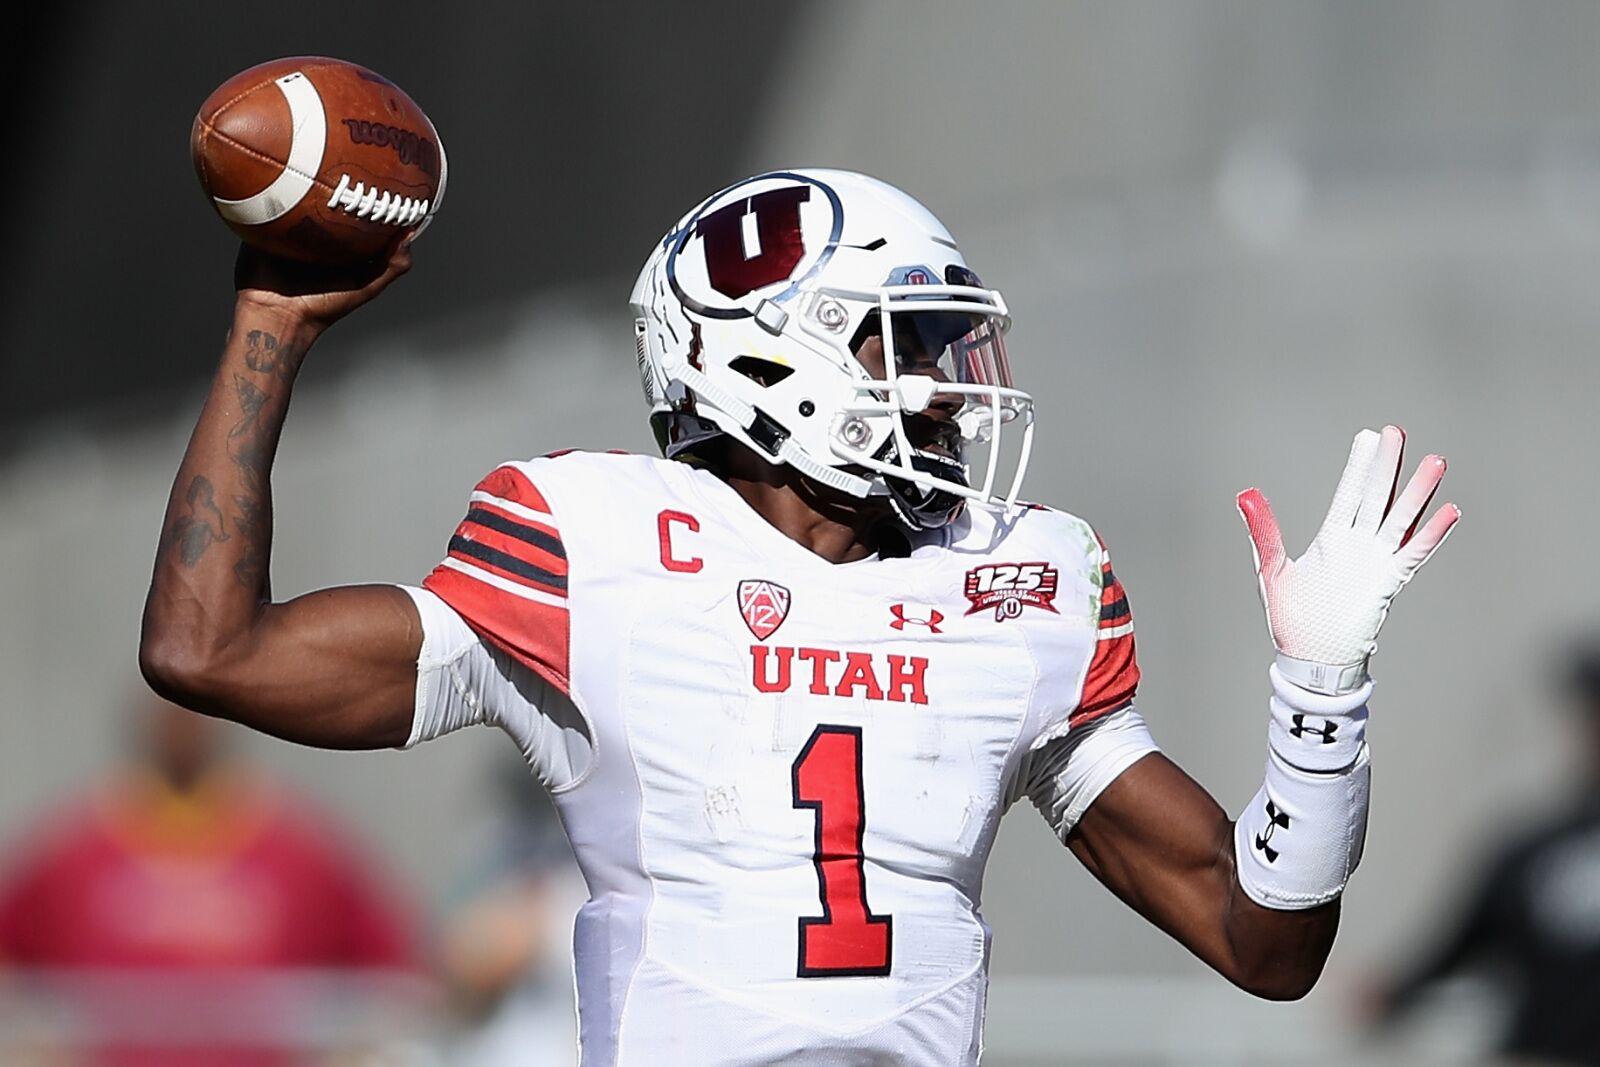 Oregon Football: Ducks Set For 2:30 pm PT Kickoff At Utah